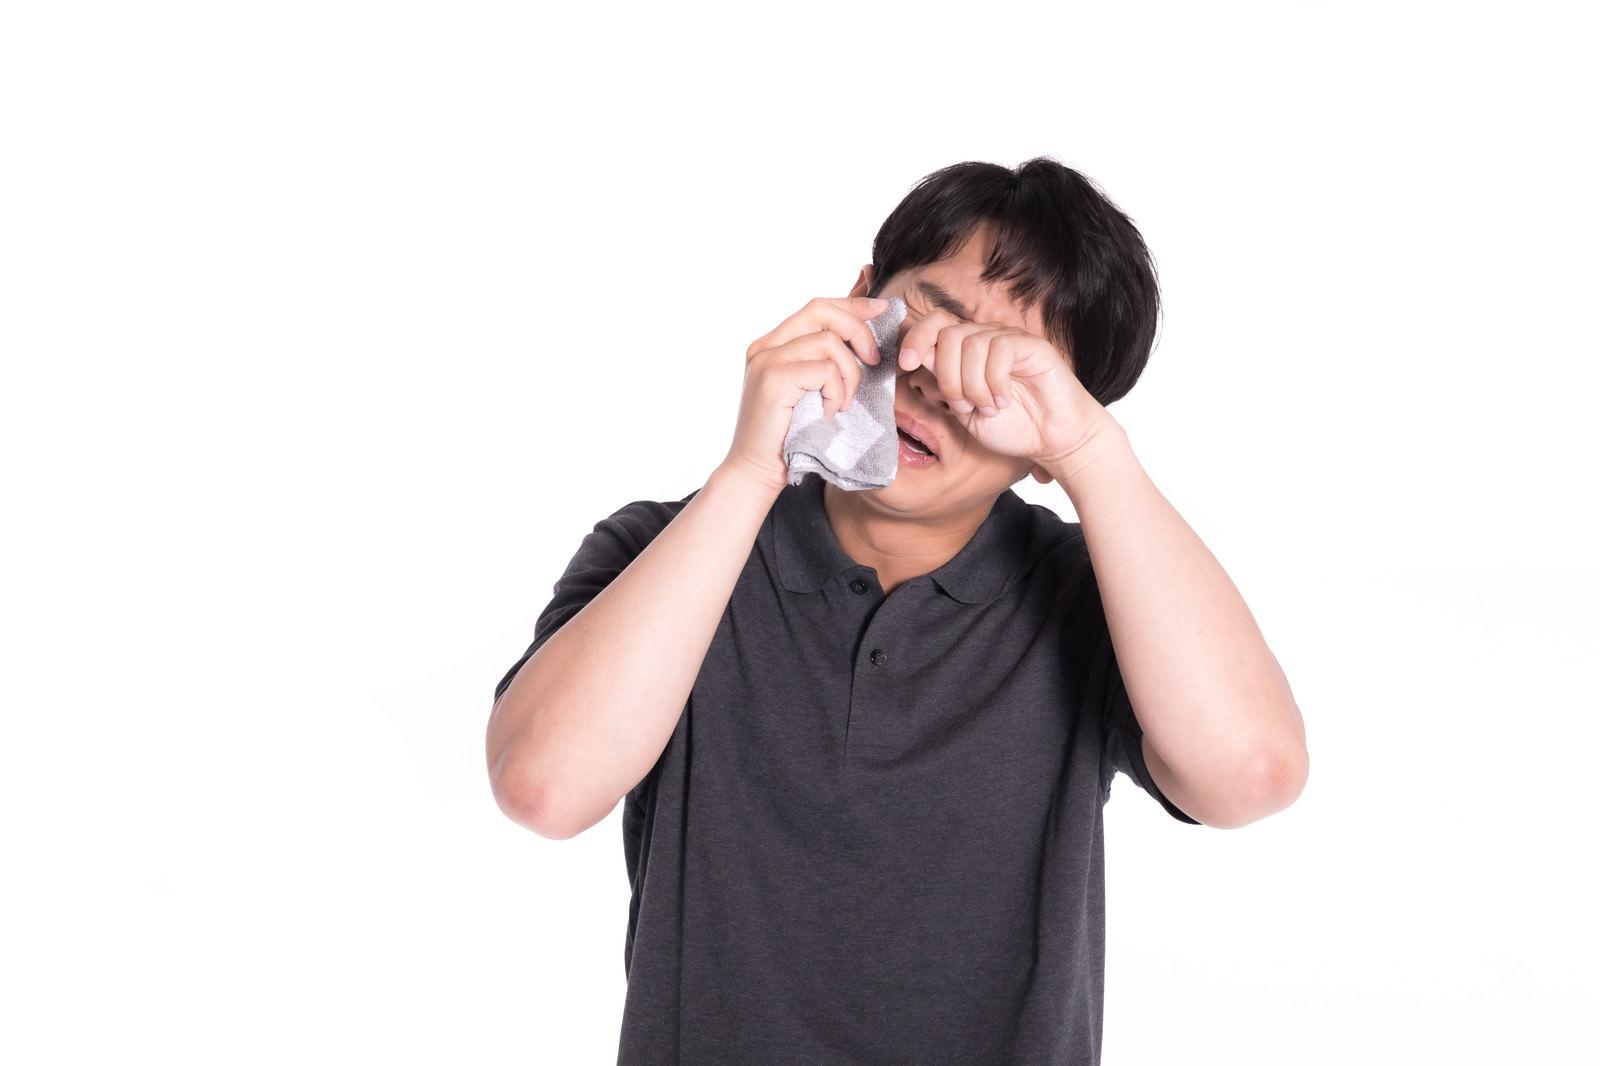 「泣きながらハンカチで涙を拭う男性」の写真[モデル:大川竜弥]